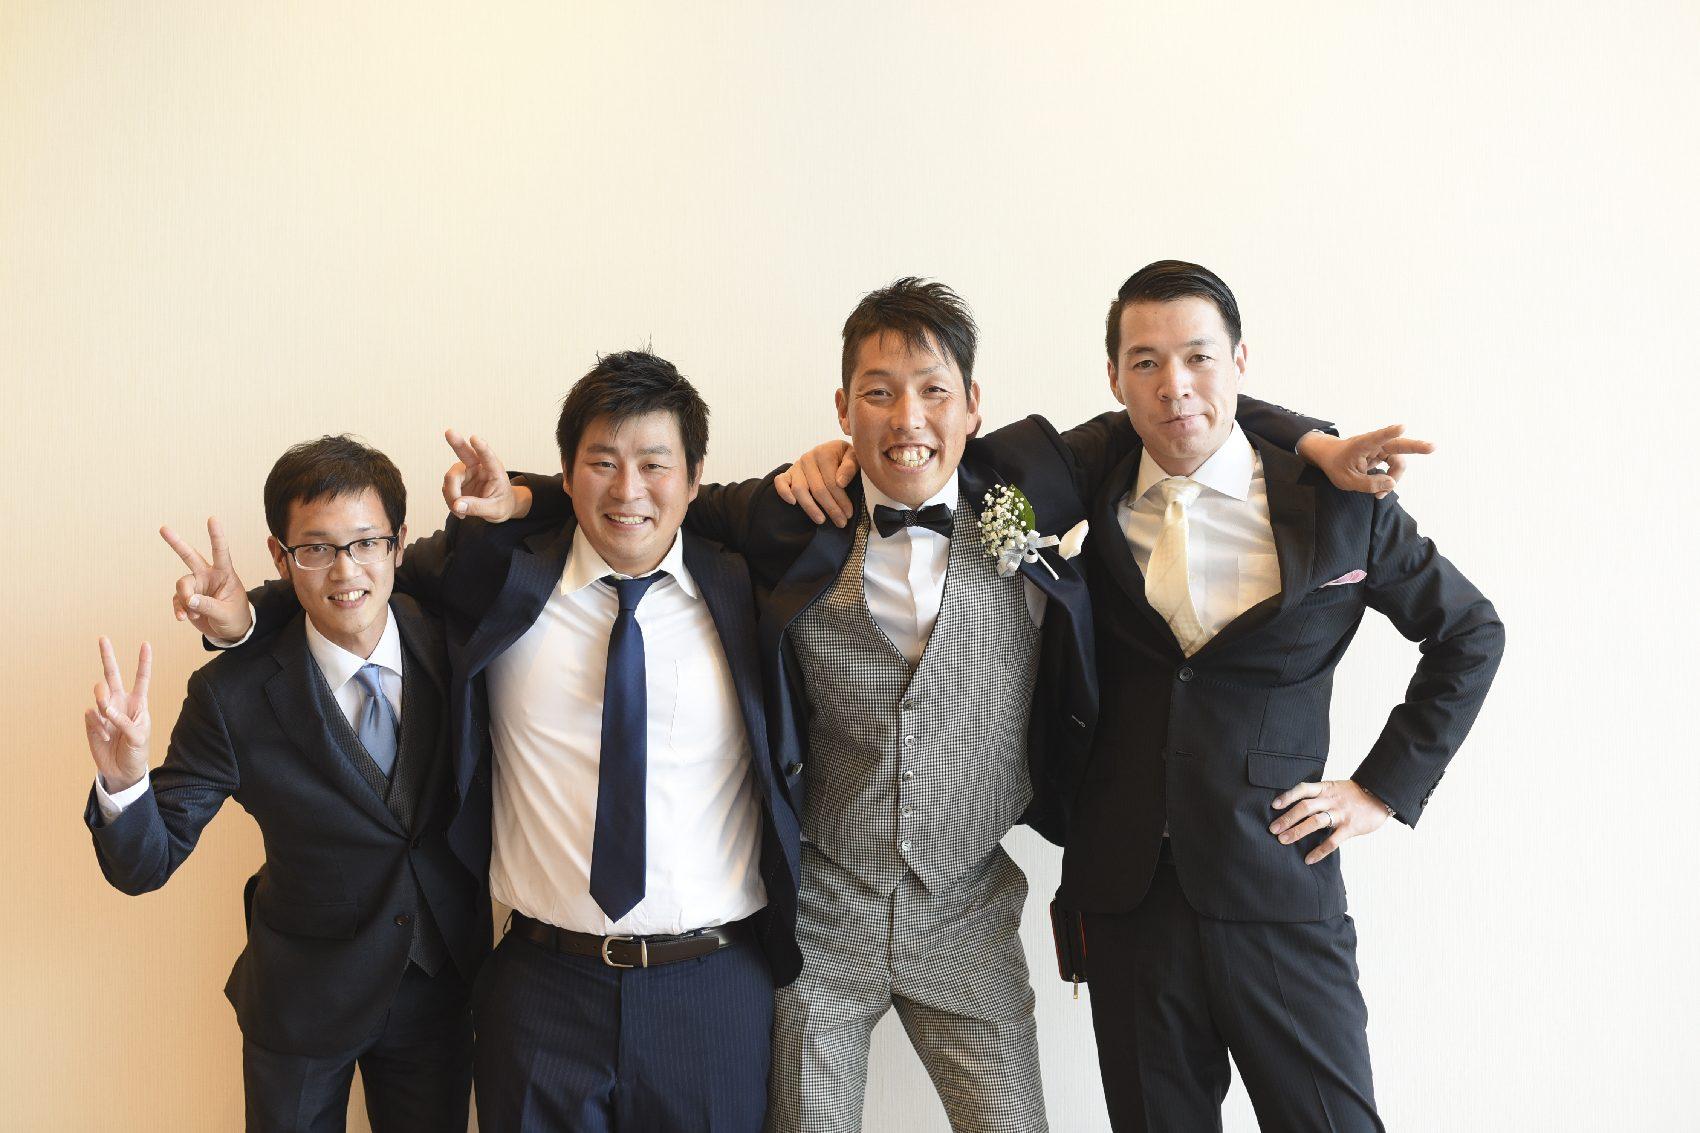 新郎と兄弟との記念写真